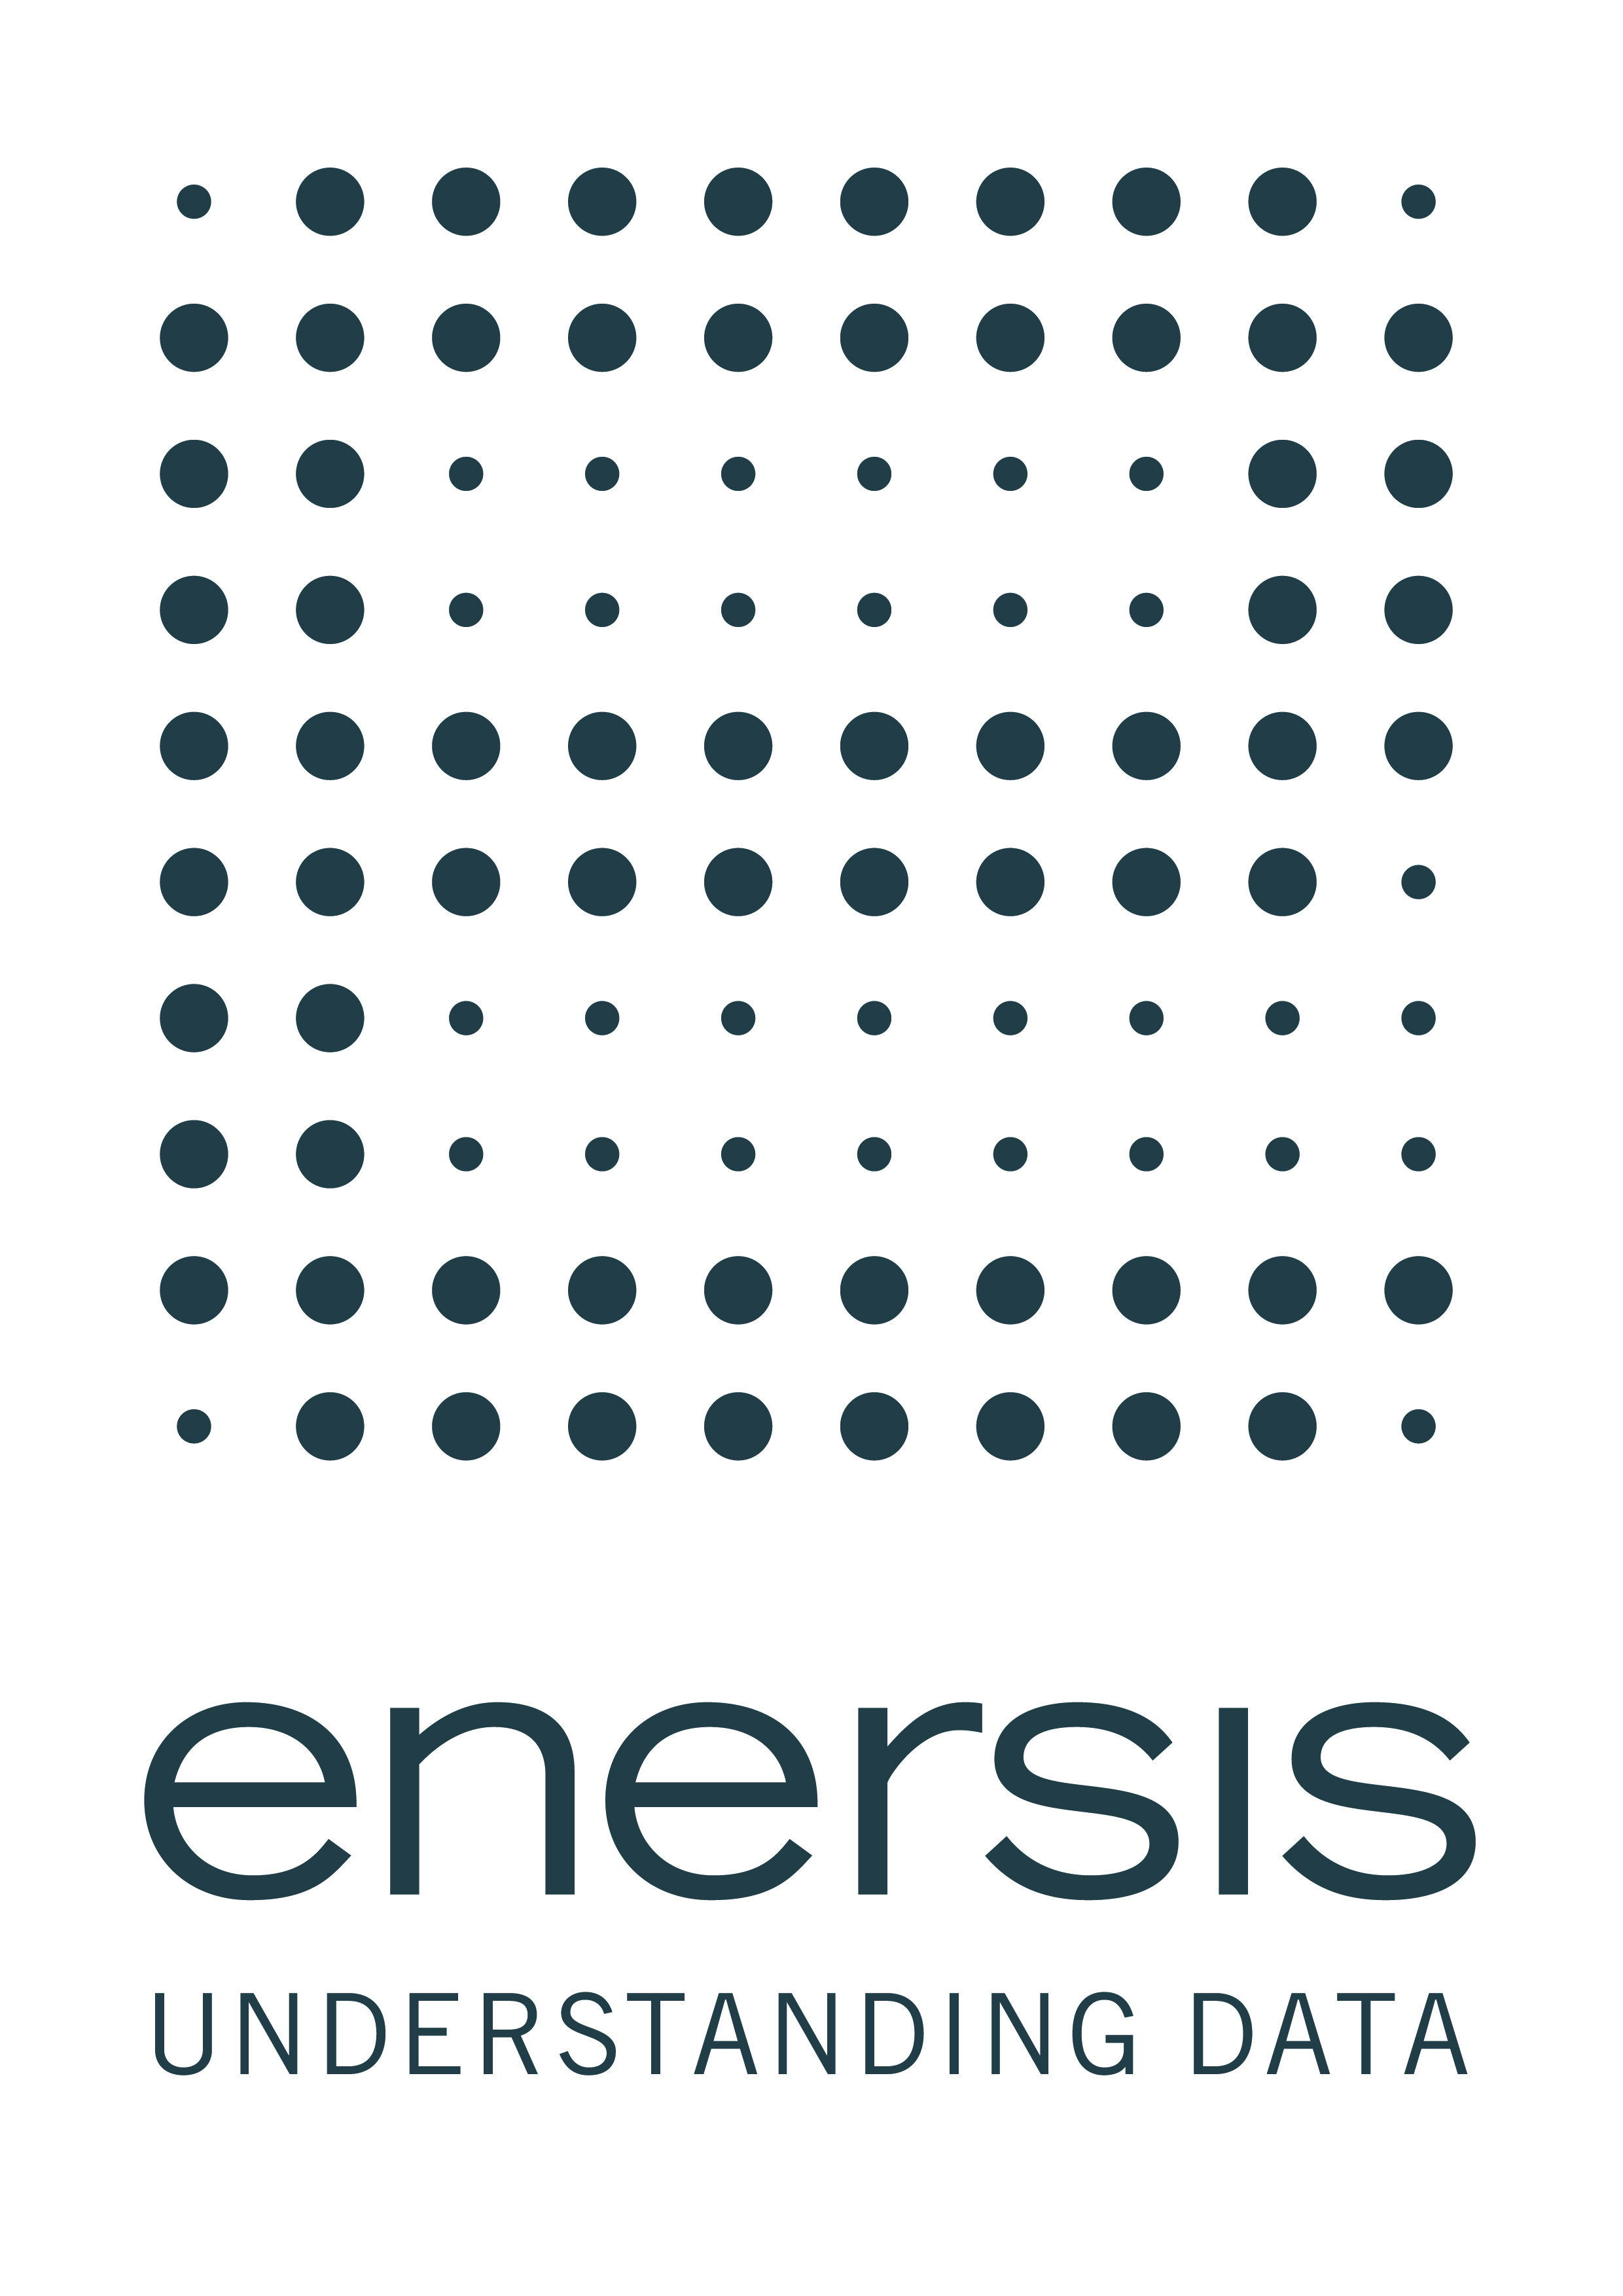 enersis Suisse AG